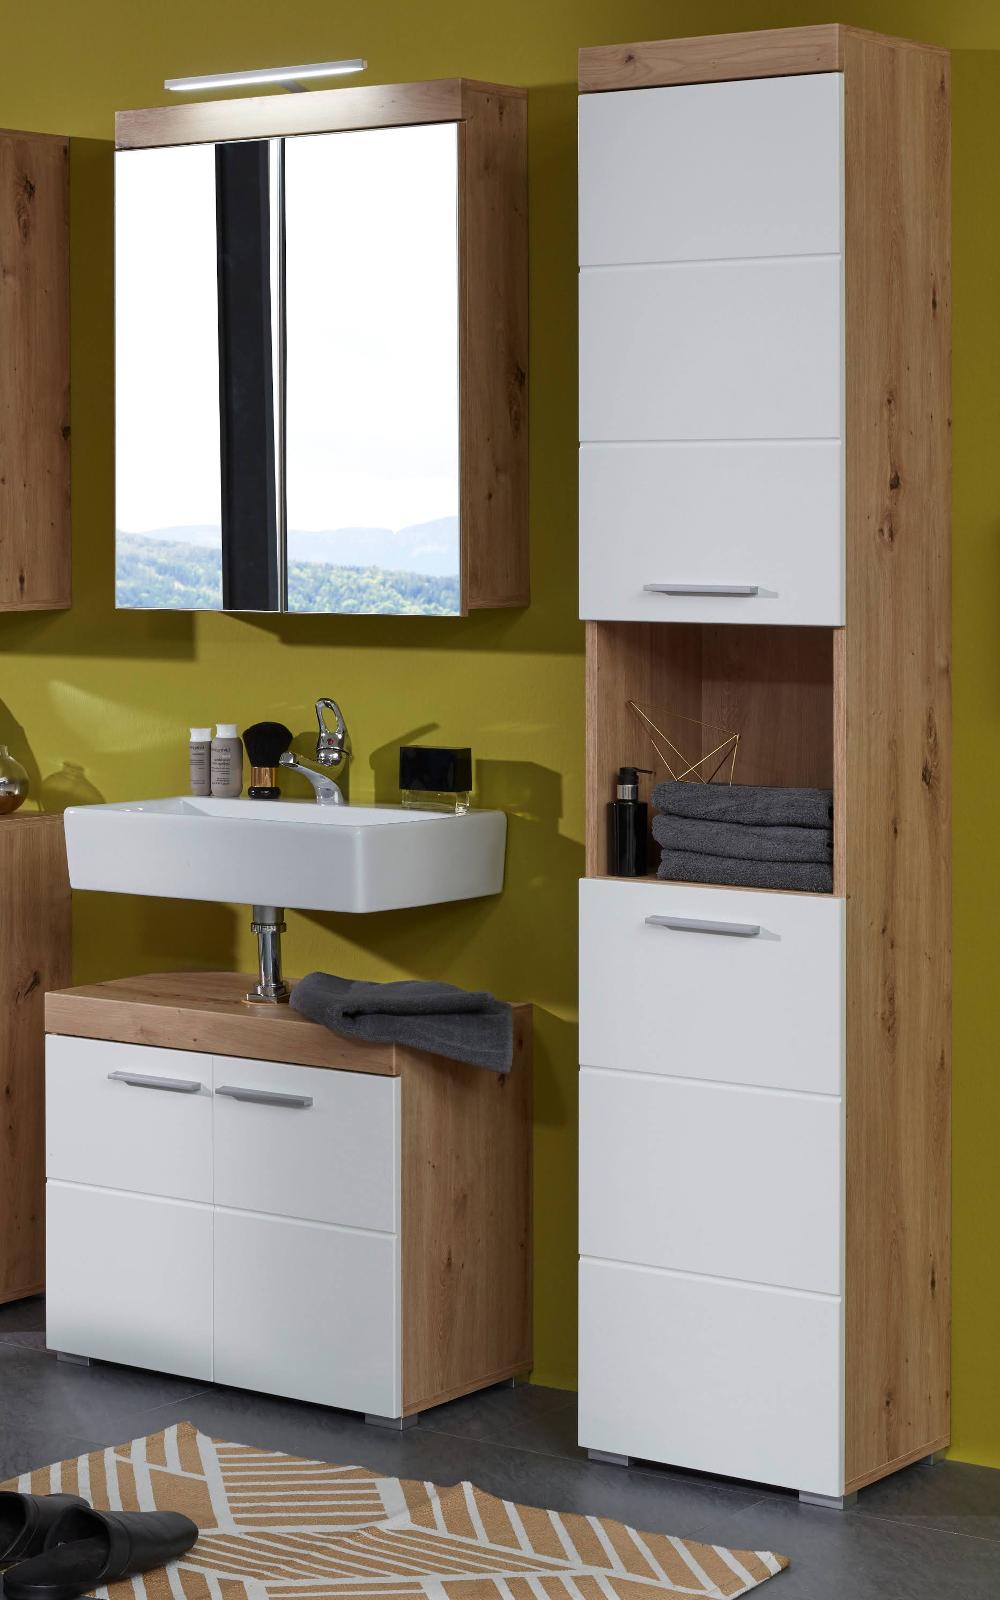 Badezimmer Badmöbel Set Amanda Hochglanz weiß und Eiche Asteiche  Badkombination 12-teilig 12 x 12 cm